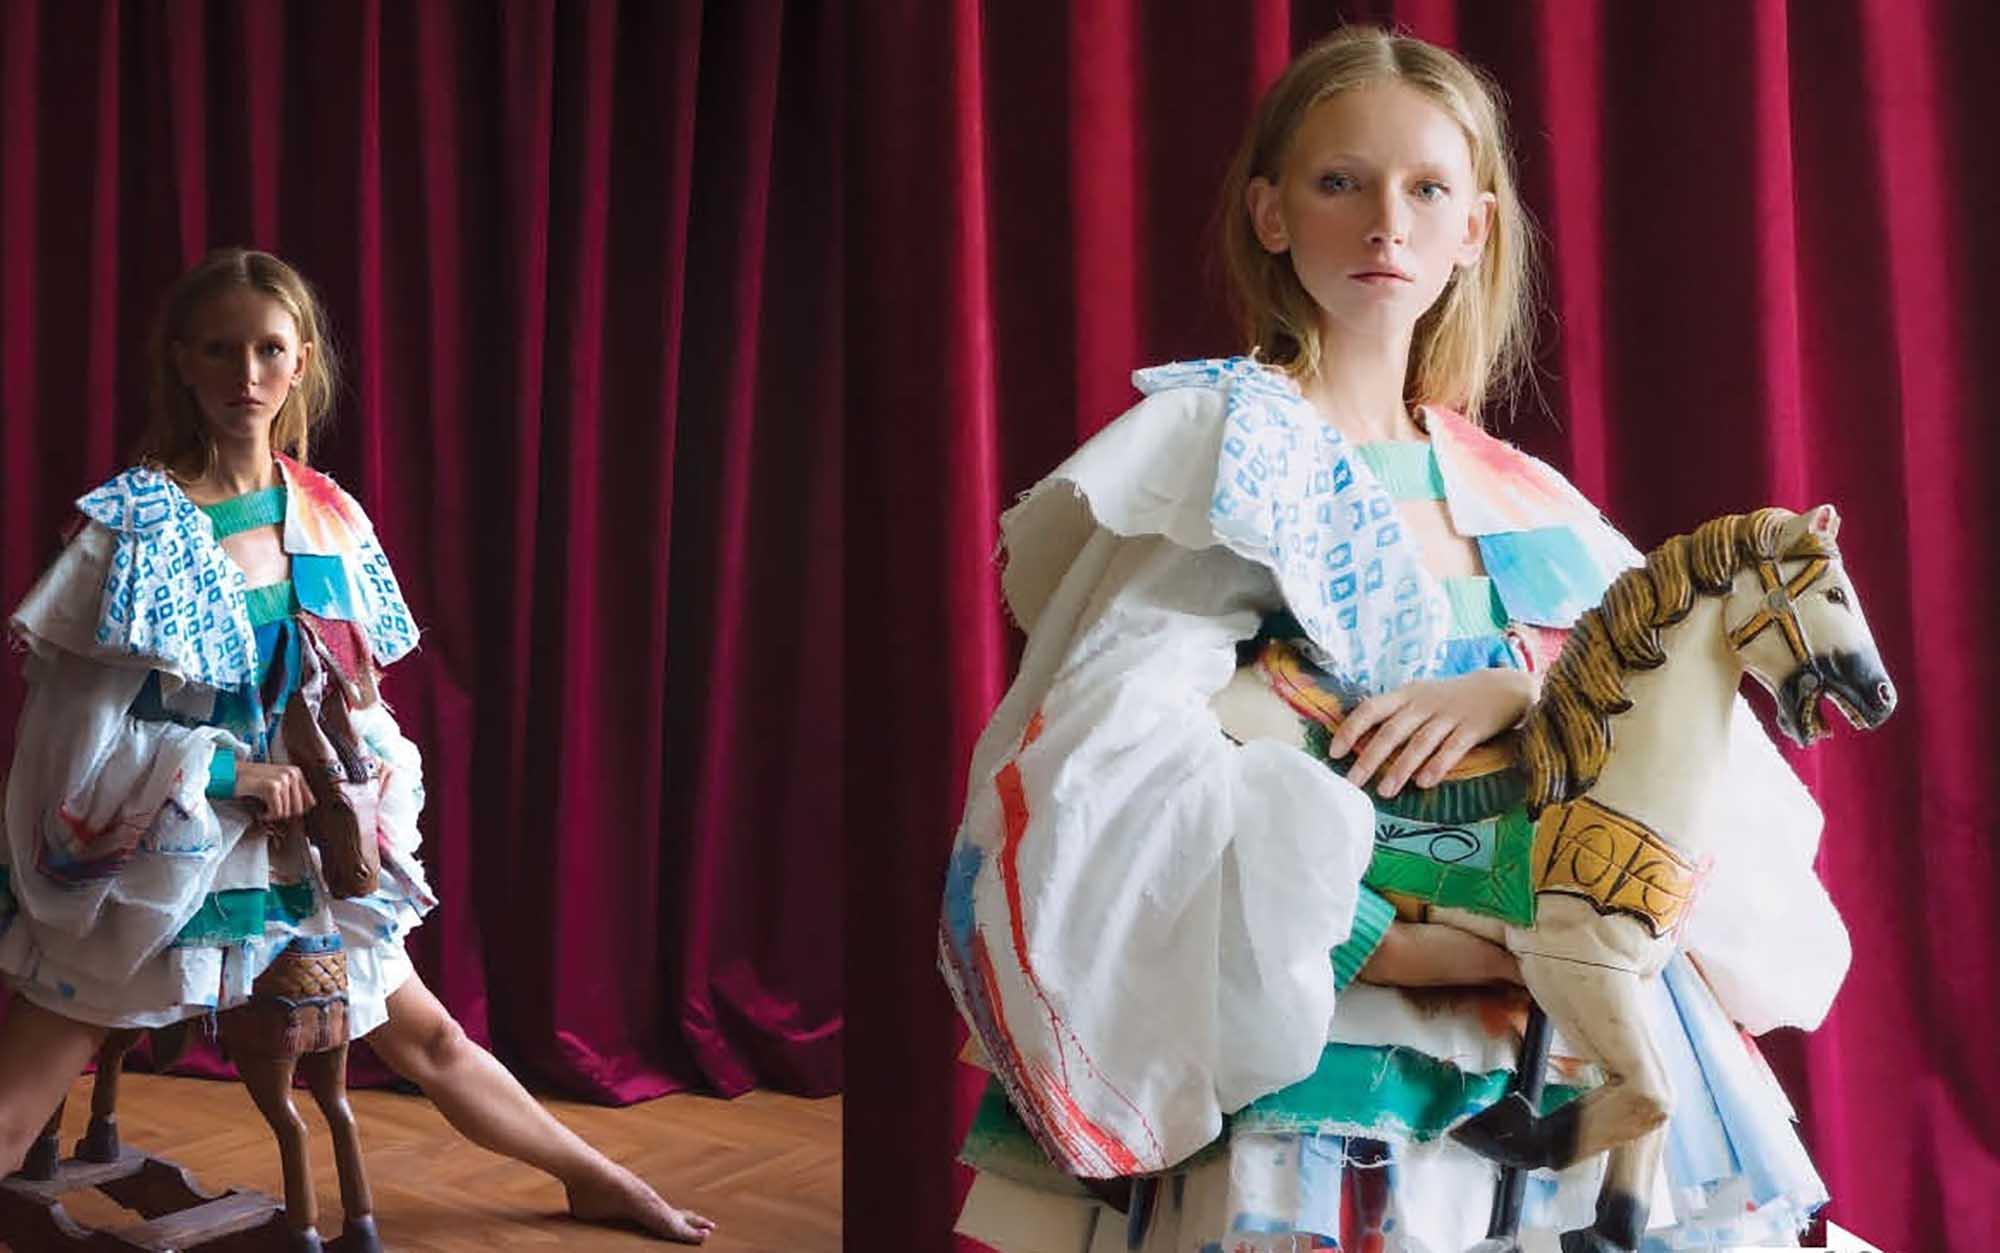 מגזין אופנה, אופנה, איפור, טרנד של תמימות וילדות מתוקה . צילום יחצ